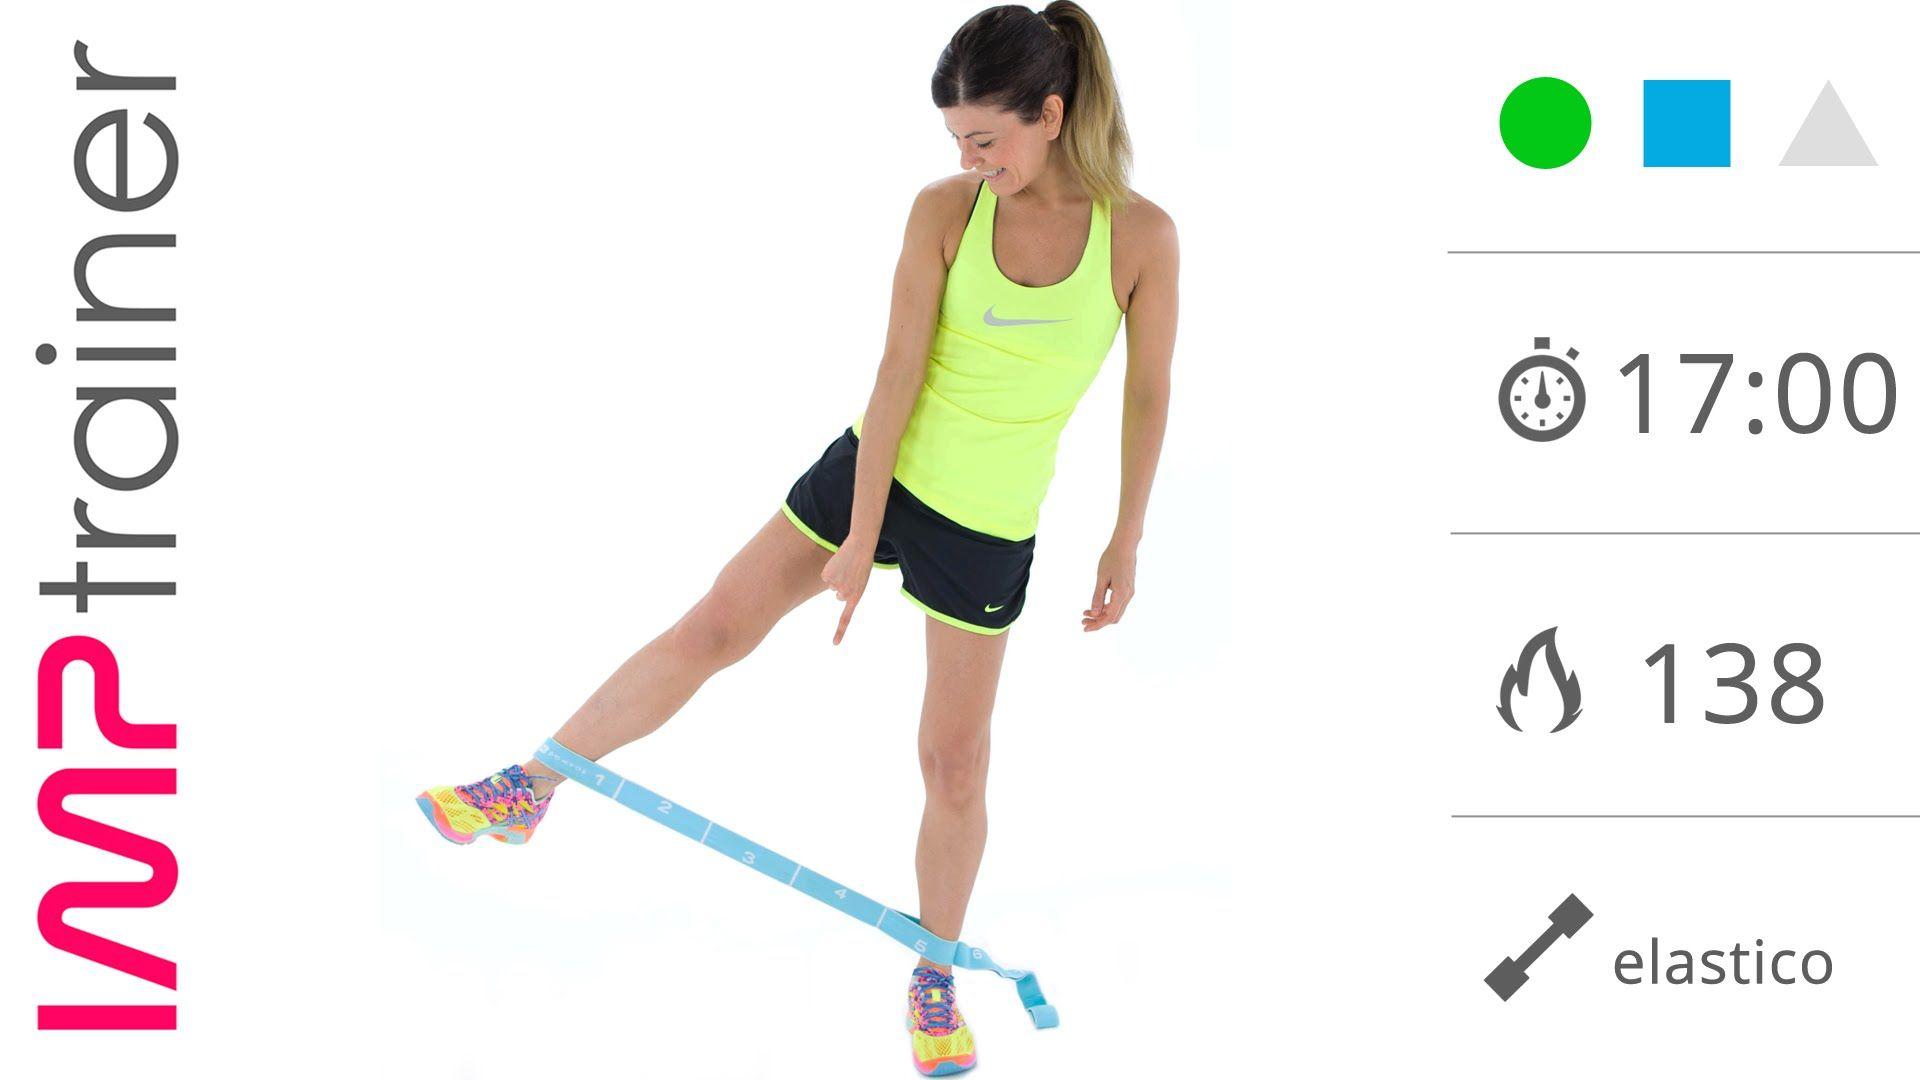 Esercizi interno coscia con l elastico in piedi e a terra for Interno coscia rassodare